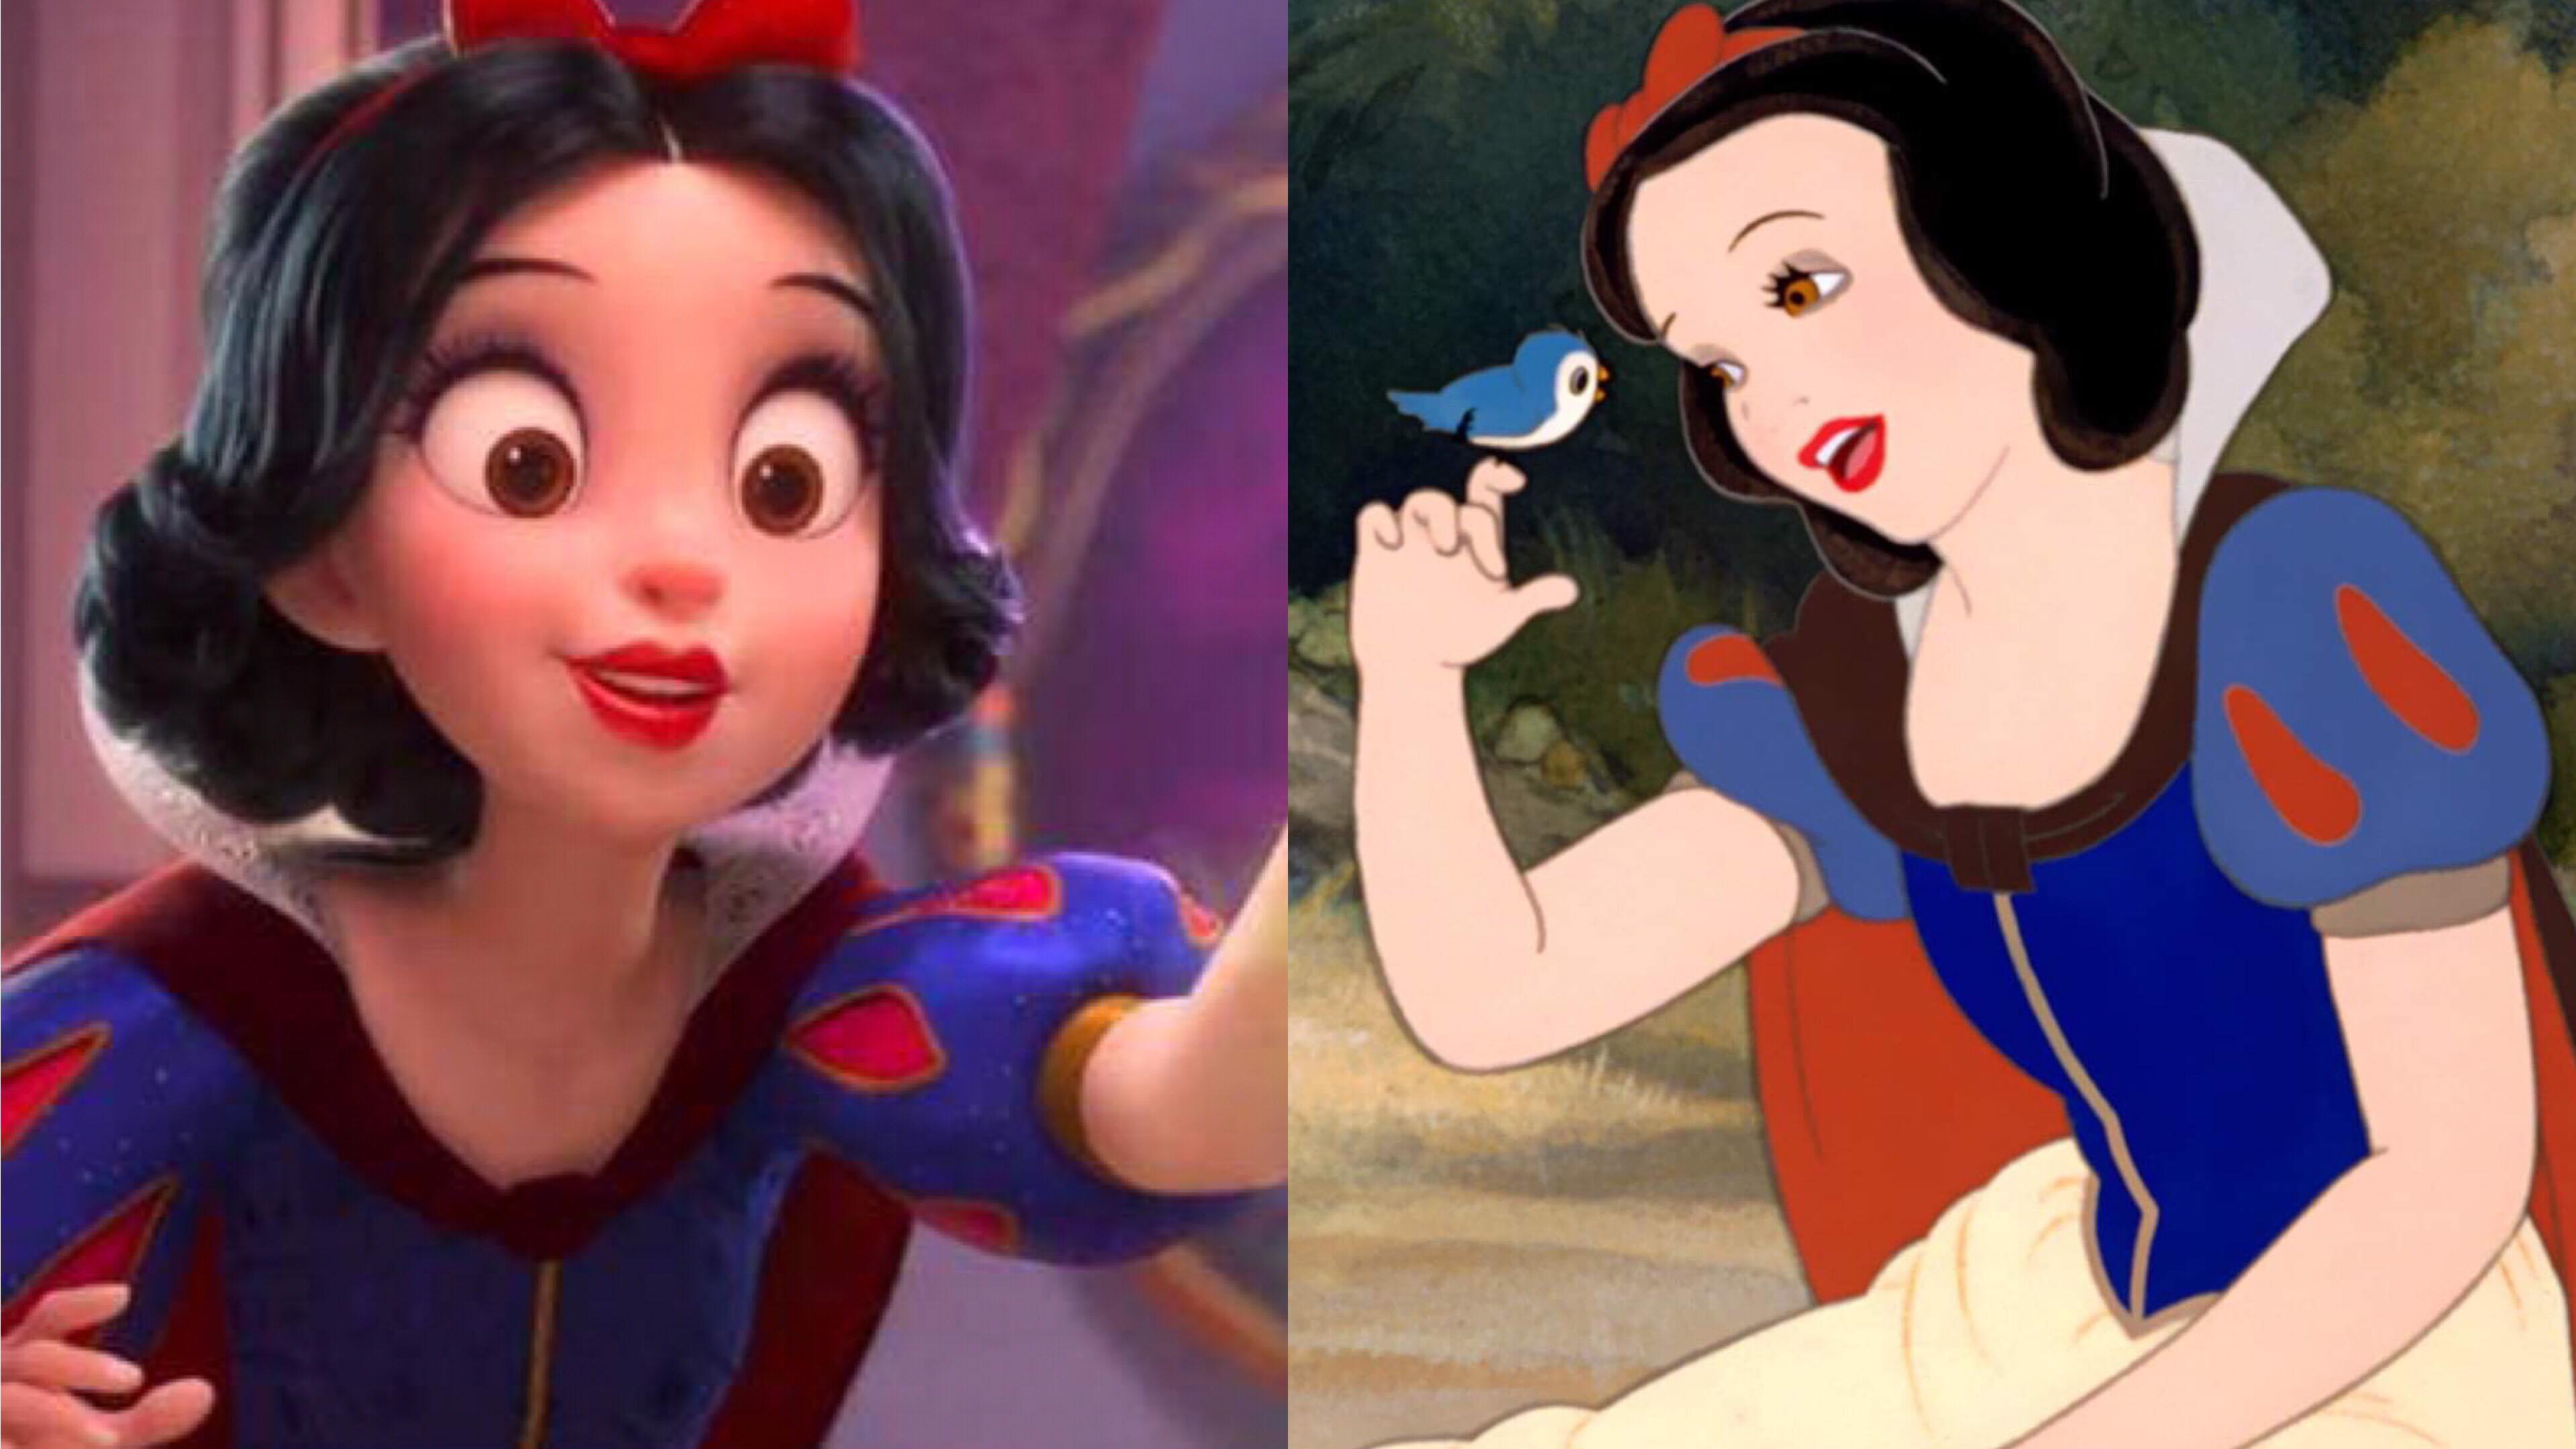 「白雪公主做這決定時,竟然只有 13 歲?」現在才知道迪士尼公主並不完美… – 我們用電影寫日記